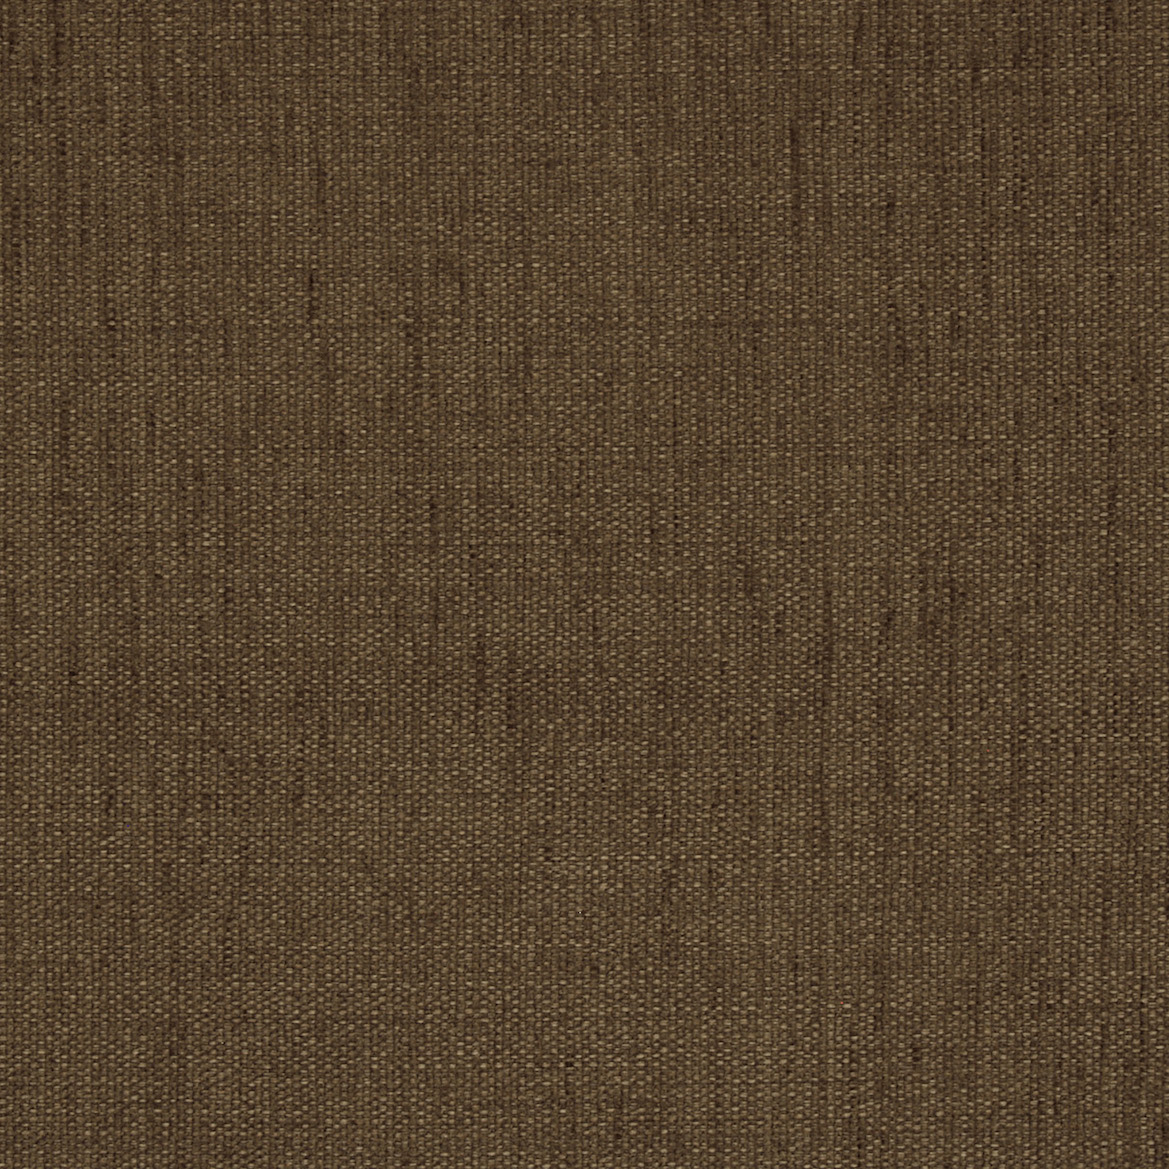 1 Vera brown grey